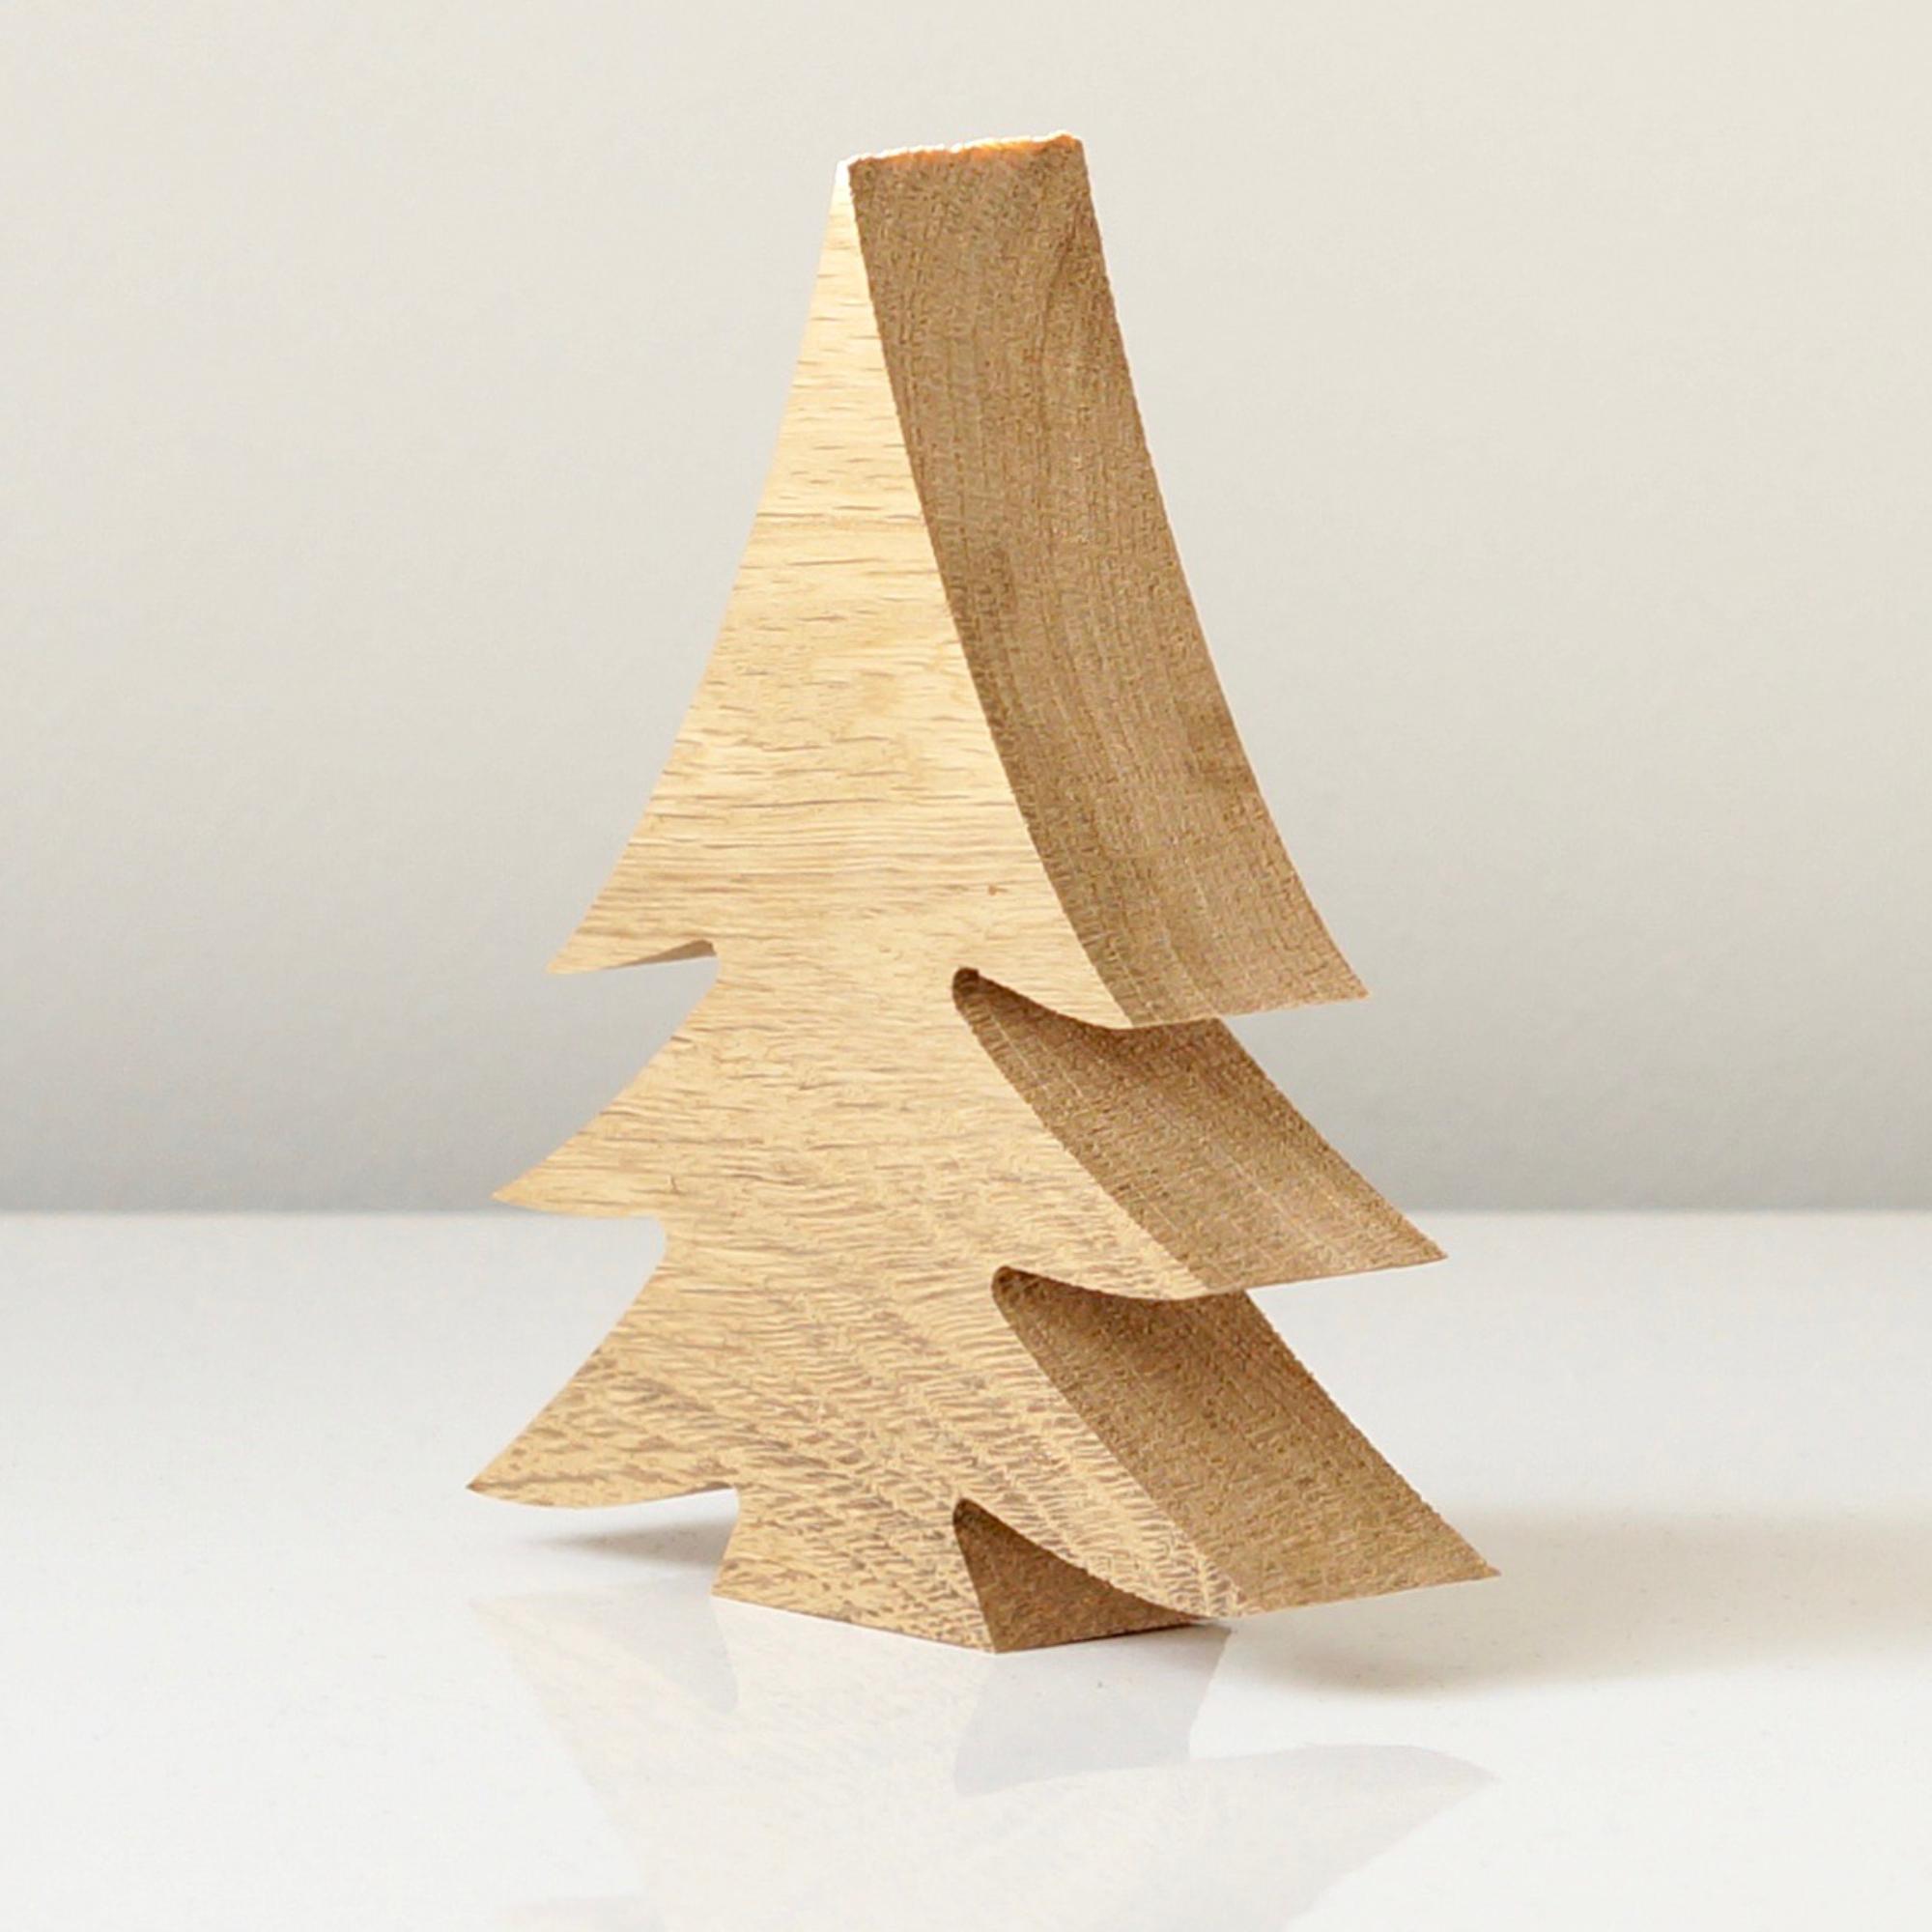 Holz Deko Weihnachten.Tannenbaum Aus Holz Eiche Zum Aufstellen In Unterschiedlichen Größen